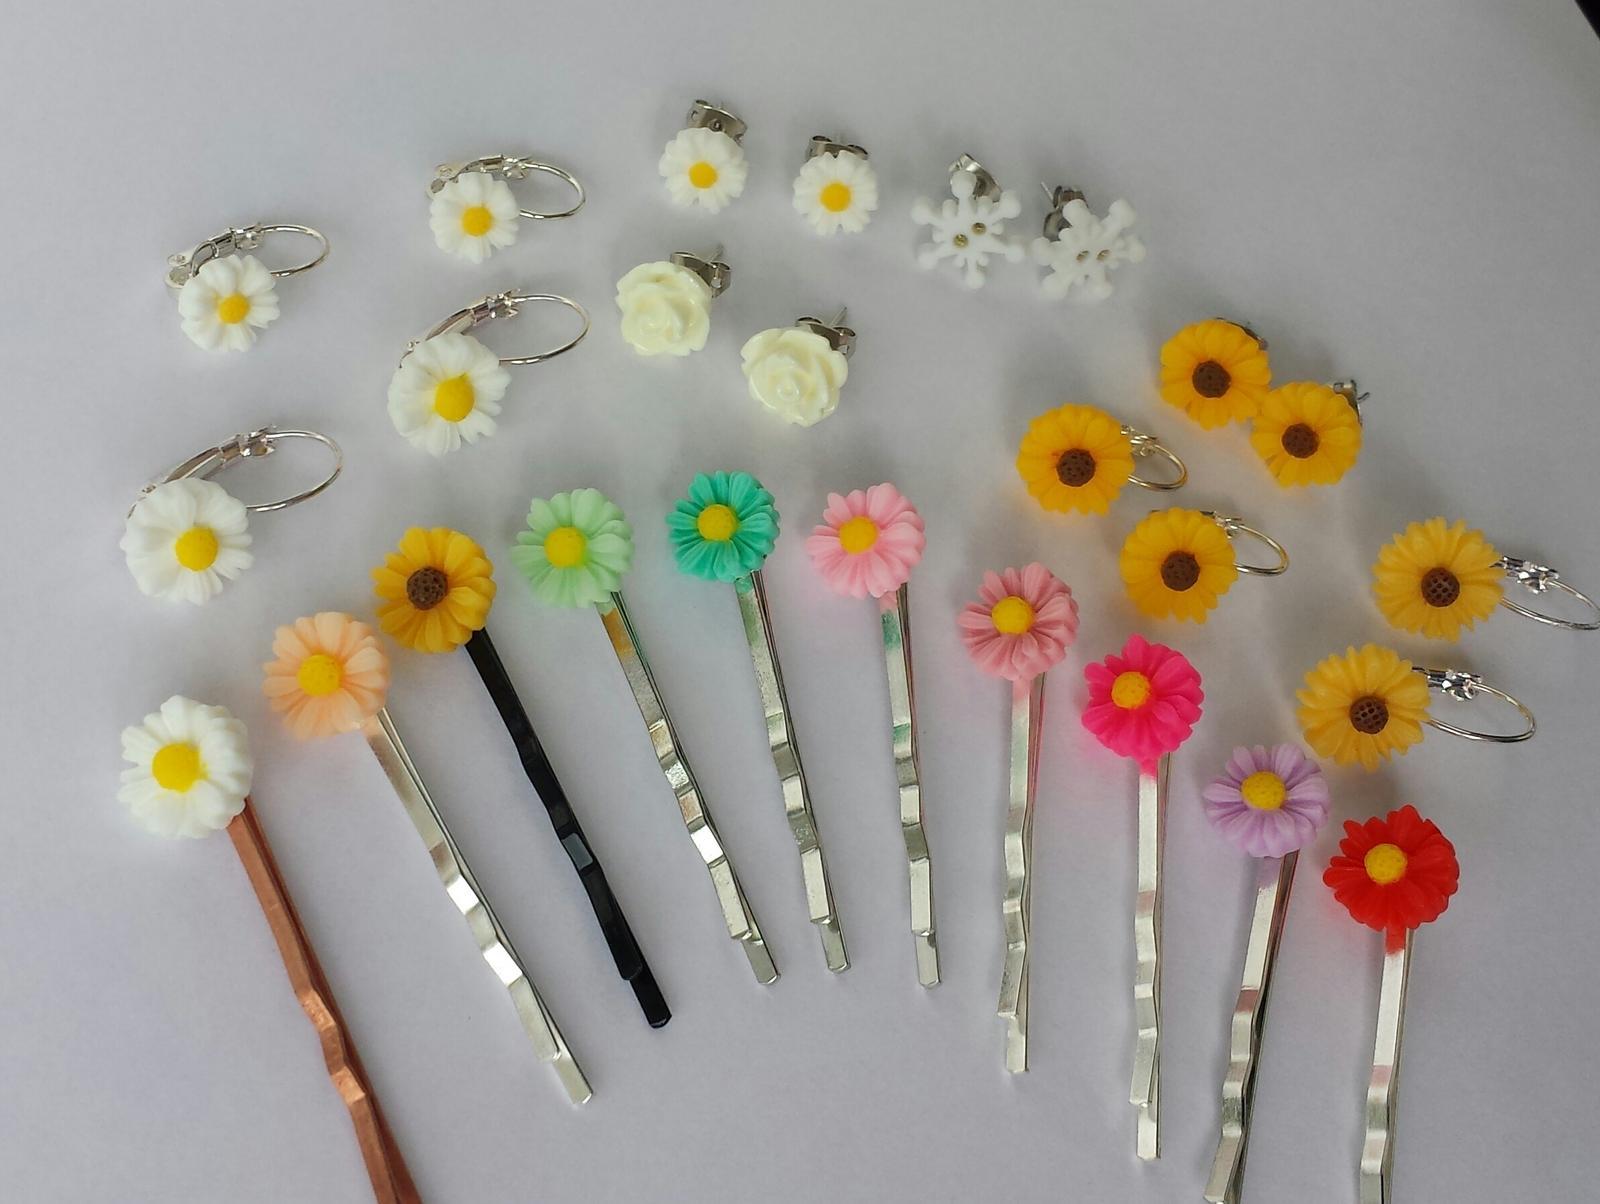 Vlásenka s květinkou - barva dle přání - Obrázek č. 1